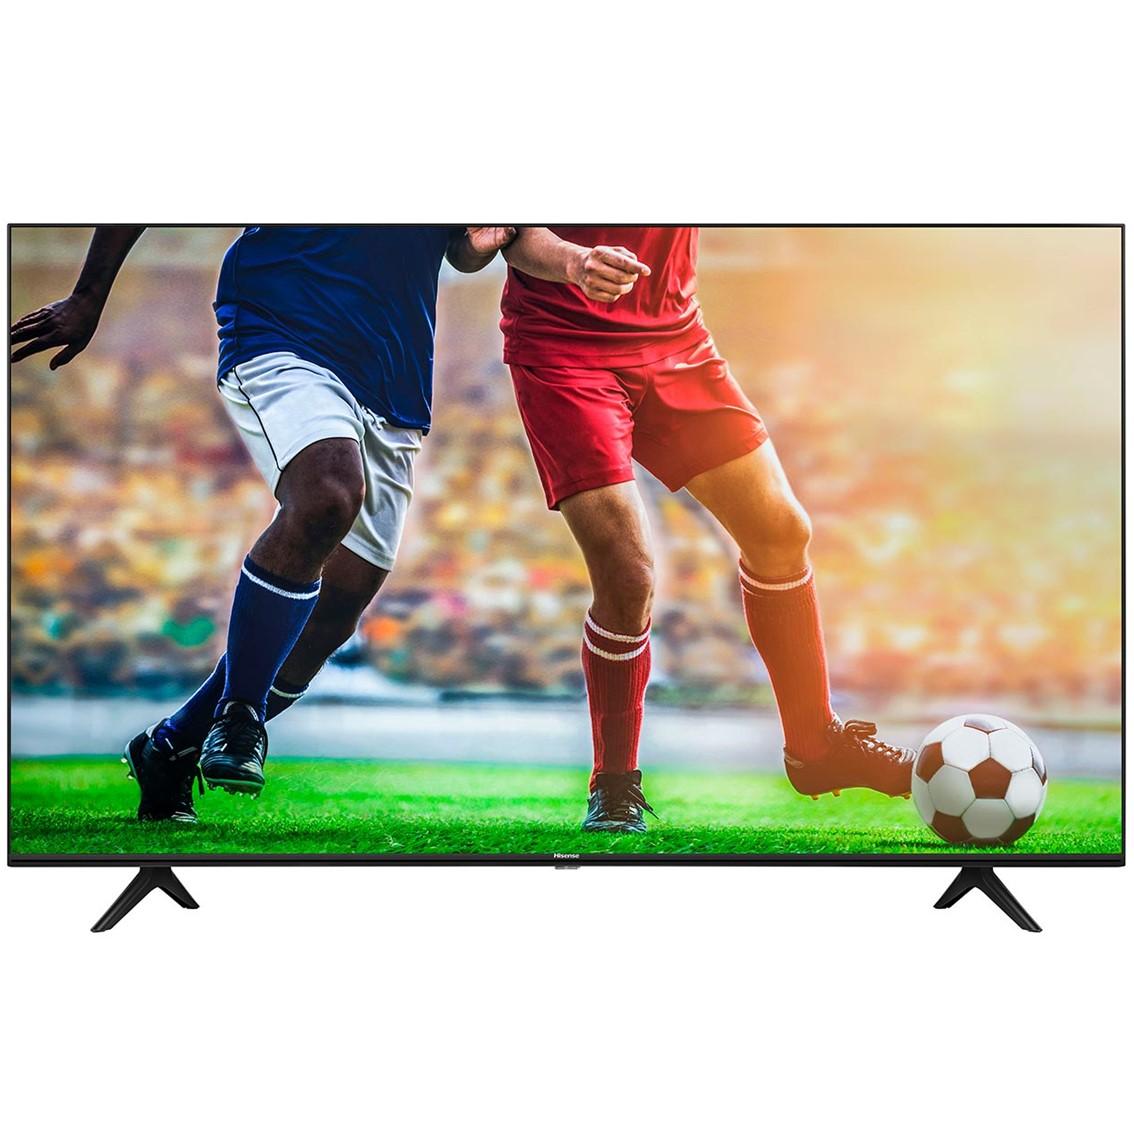 Tv hisense 43pulgadas led 4k uhd -  43a7100f -  hdr10 -  smart tv -  3 hdmi -  2 usb -  dvb - t2 - t - c - s2 - s -